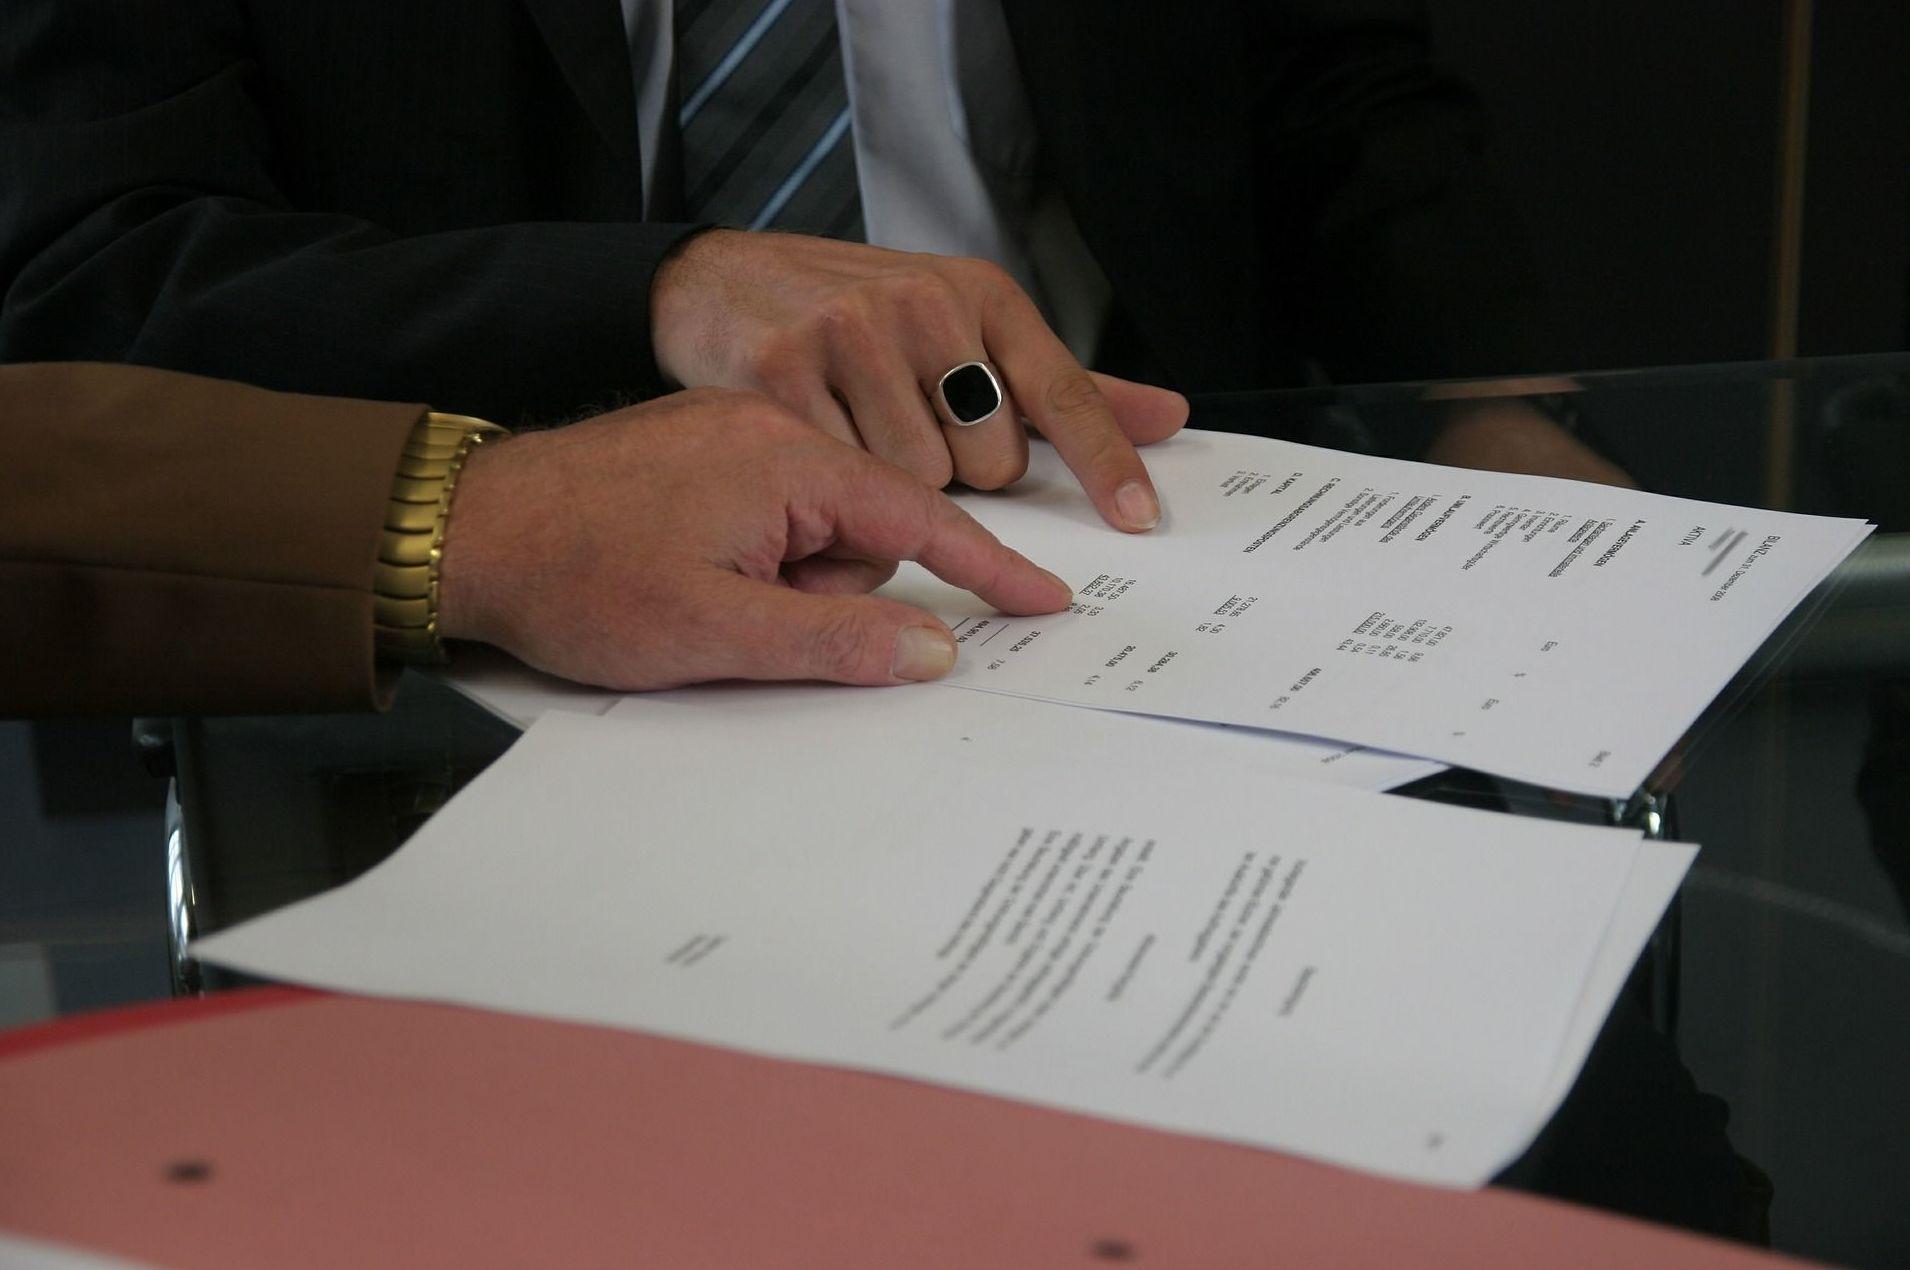 Asesoría jurídica en Jaén